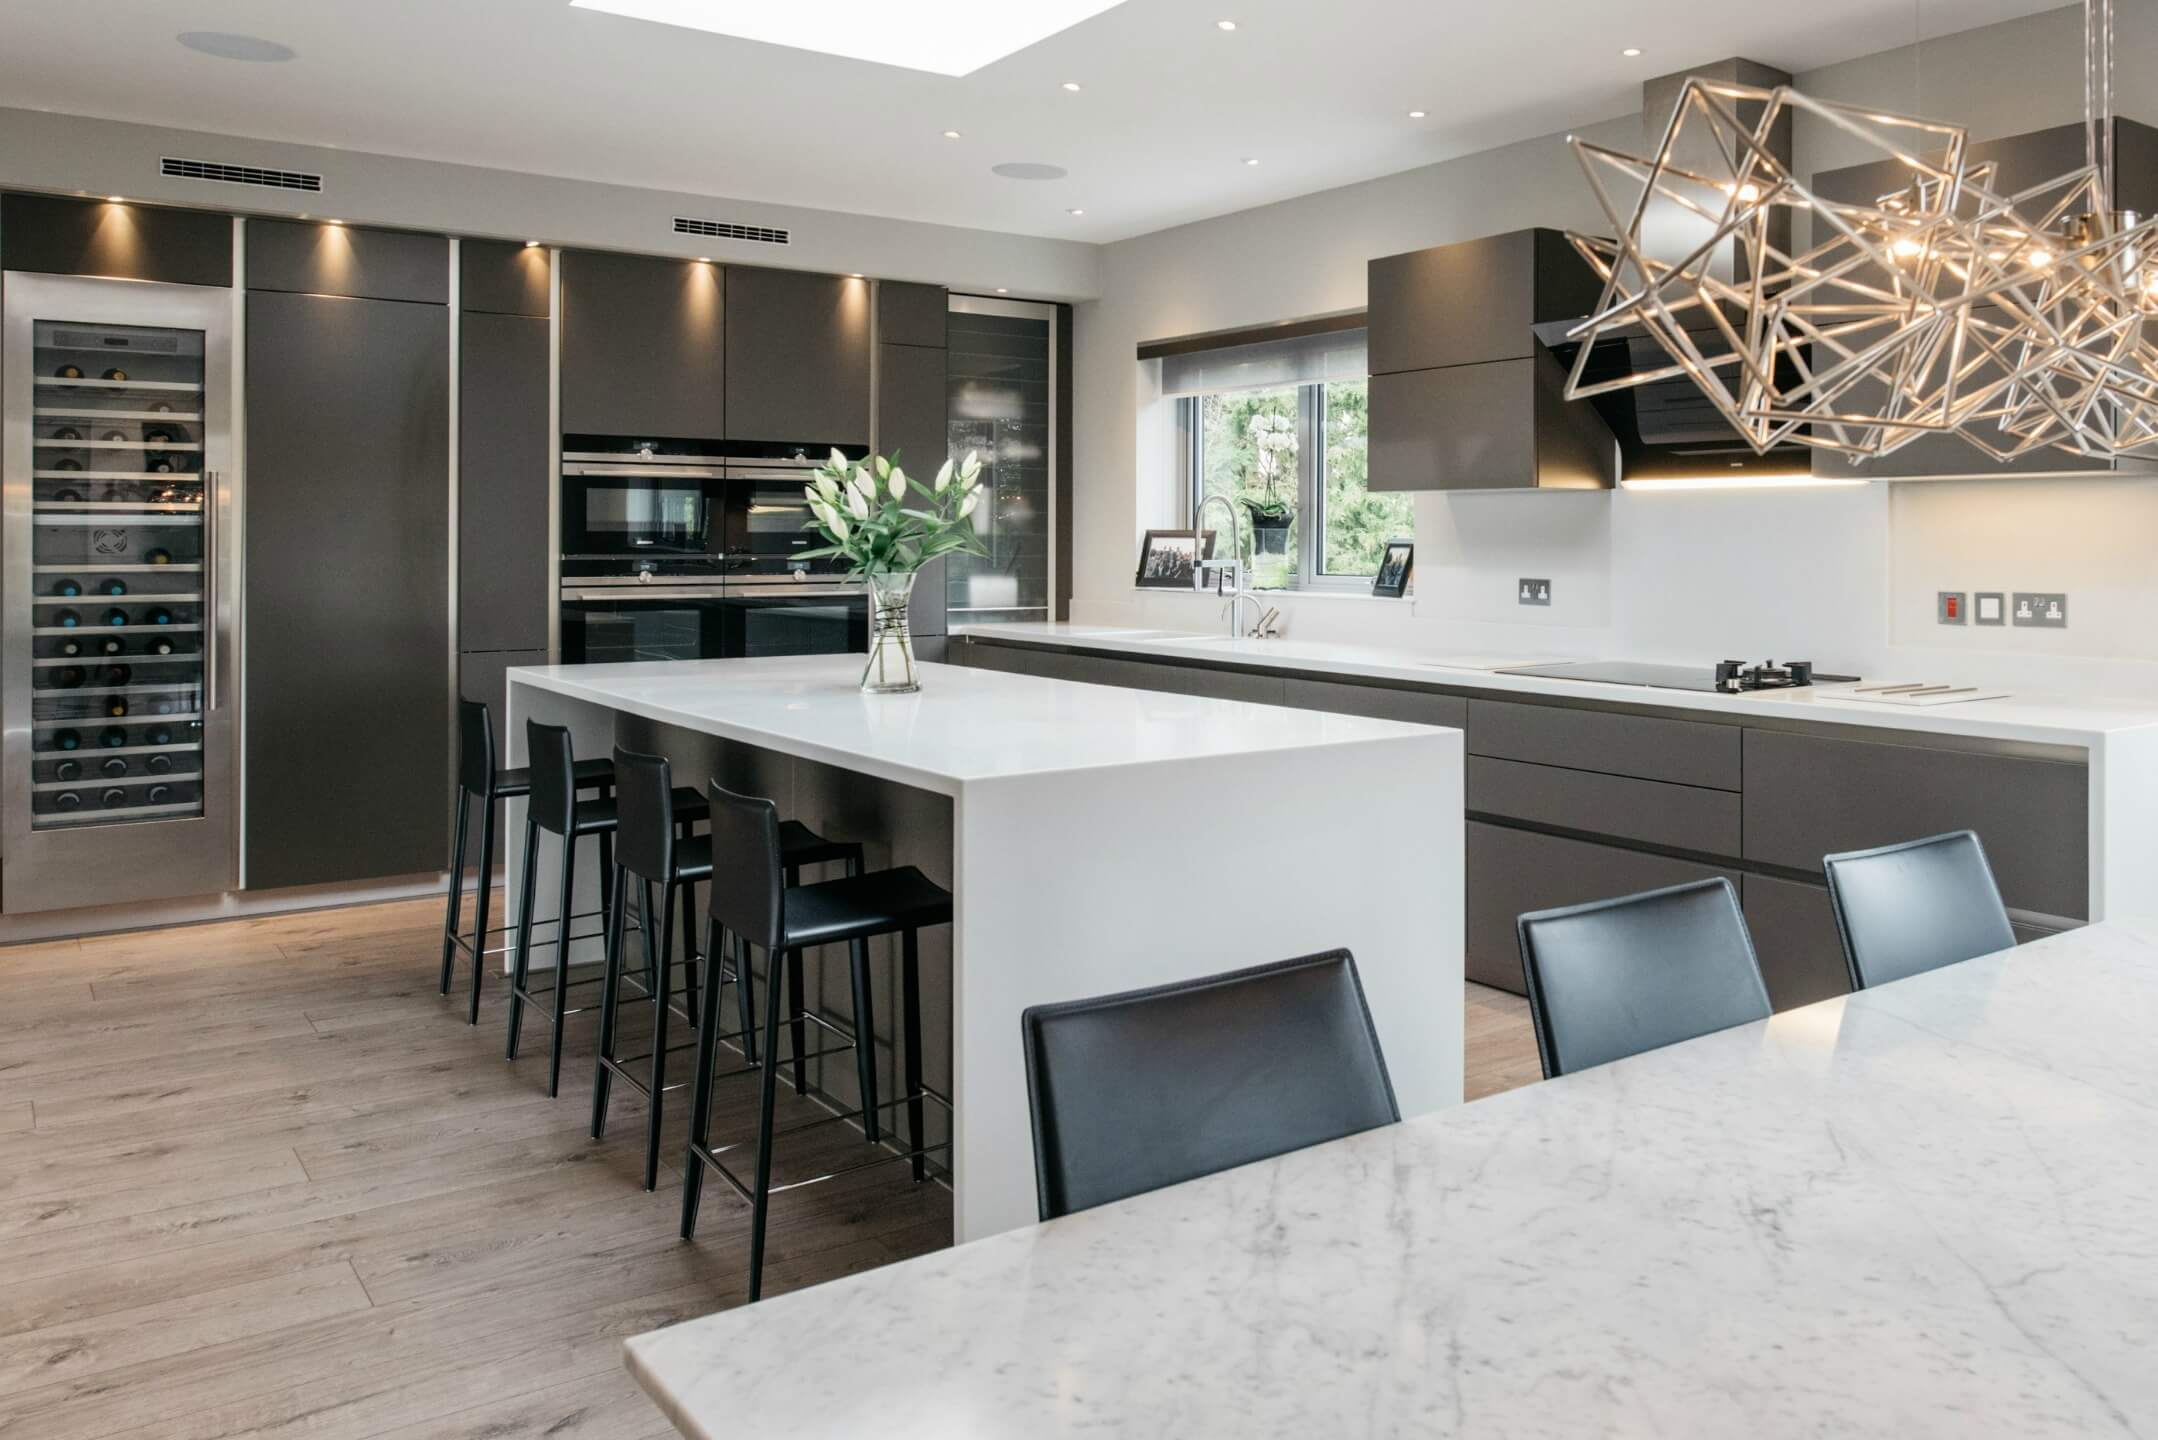 Návrh interiéru kuchyně